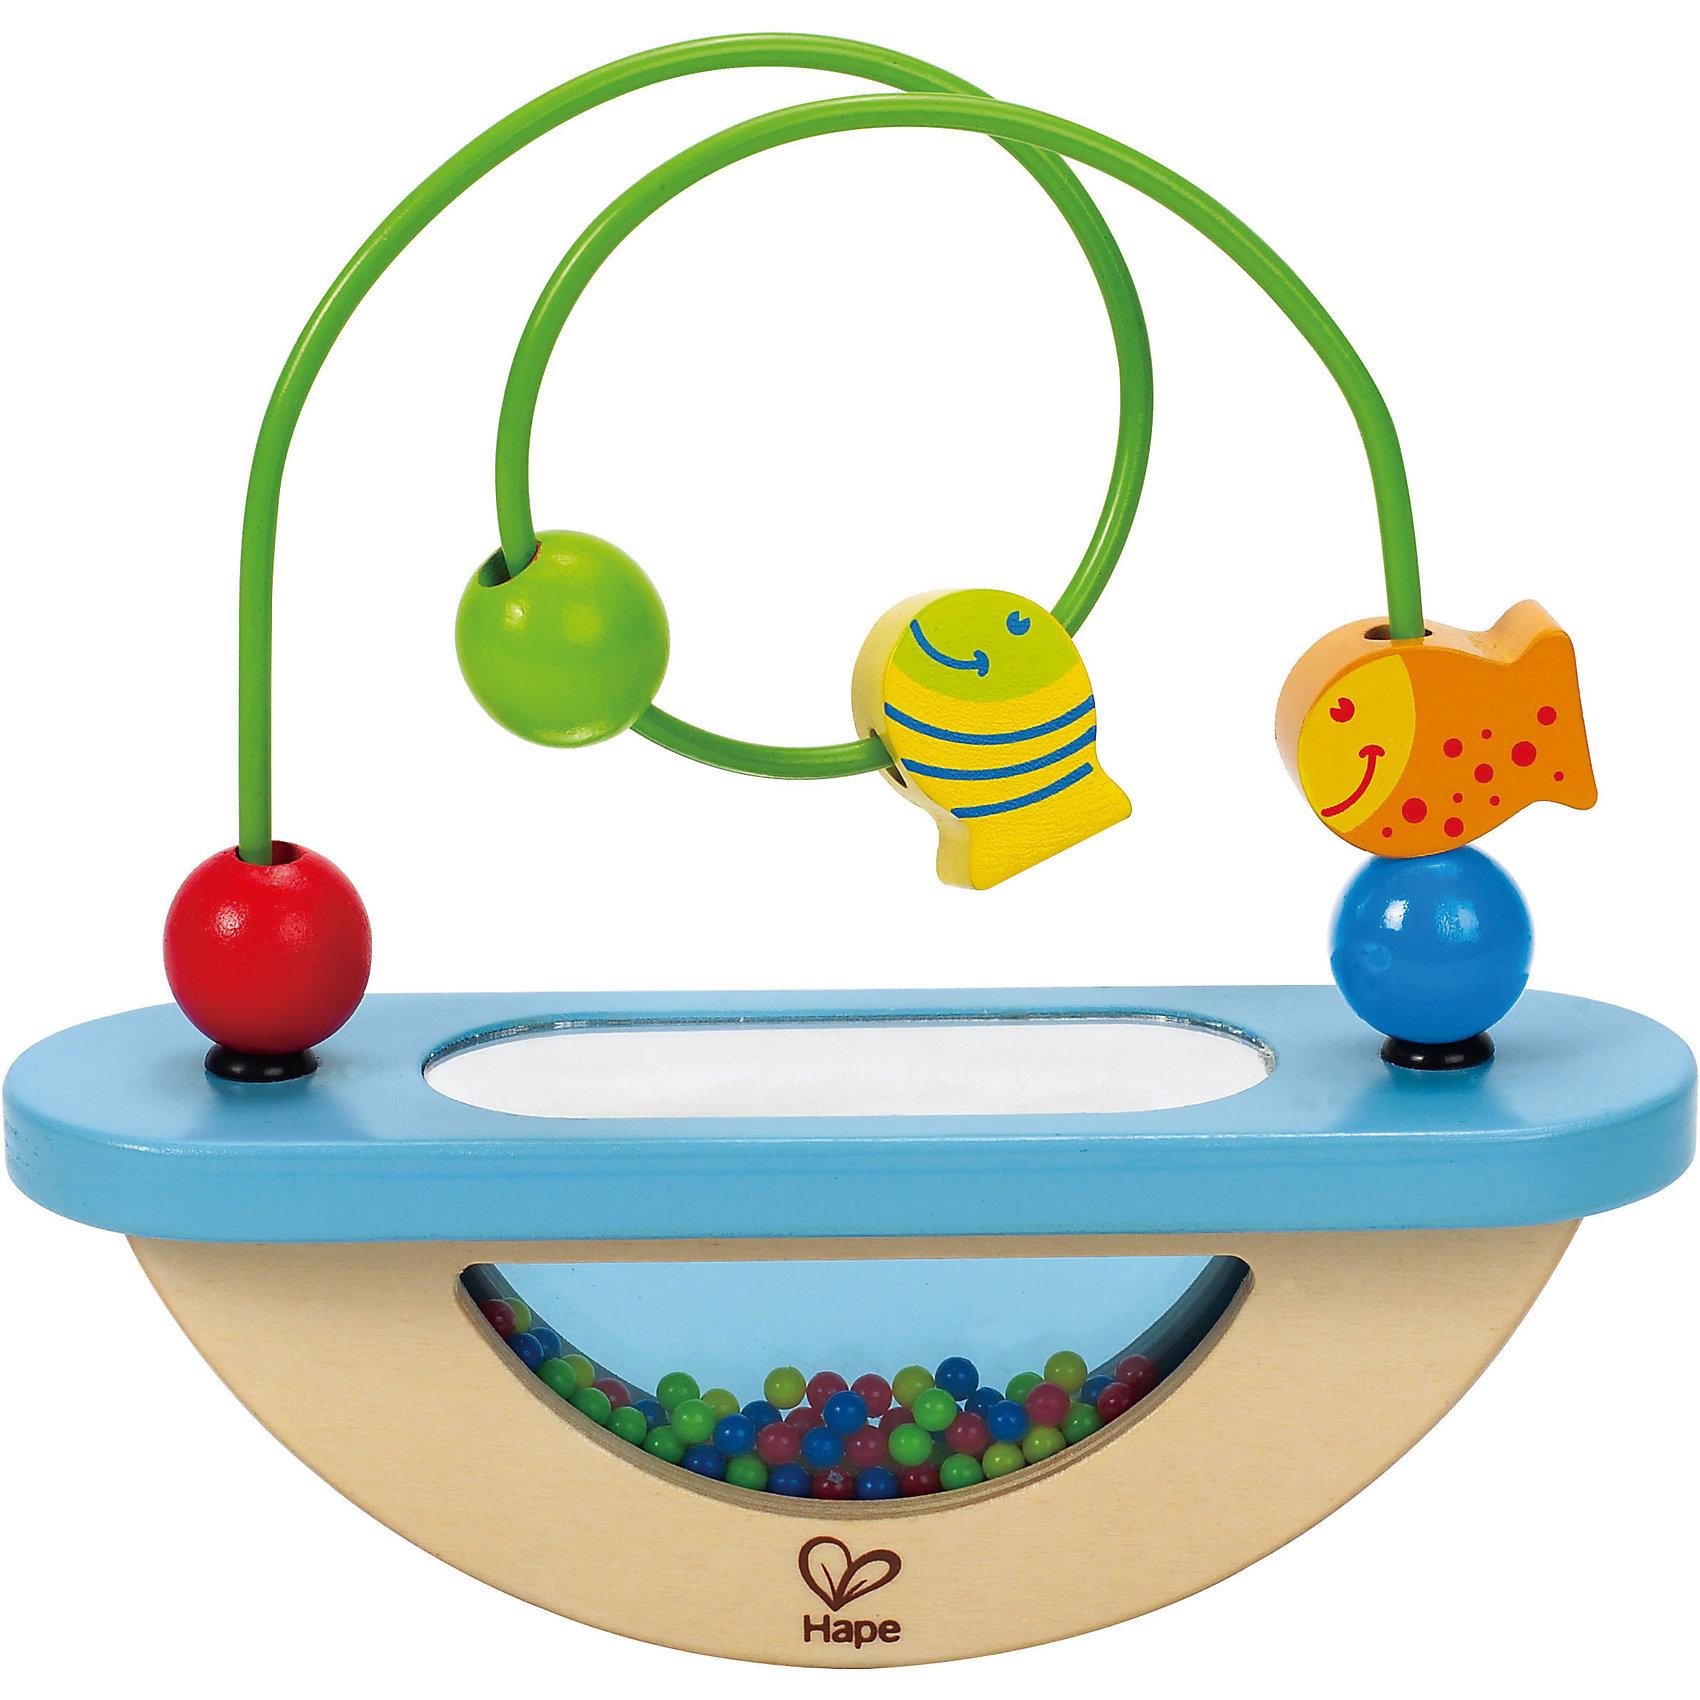 Развивающая игрушка Лабиринт, HapeЛабиринт - это развивающая игрушка для малышей, которая улучшит мелкую моторику и координацию пальчиков. Ее можно раскачивать как качели и передвигать рыбок с бусинками по спирали. Играя в эту игру, ребенок научится фокусировать взгляд на мелких движущихся объектах и деталях.<br><br>Дополнительная информация:<br><br>- Возраст: от 1 года до 2 лет<br>- Материал: дерево, металл<br>- Размер: 20х6х18 см<br>- Вес: 0.4 кг<br><br>Развивающую игрушку Лабиринт, Hape можно купить в нашем интернет-магазине.<br><br>Ширина мм: 200<br>Глубина мм: 60<br>Высота мм: 185<br>Вес г: 400<br>Возраст от месяцев: 12<br>Возраст до месяцев: 36<br>Пол: Унисекс<br>Возраст: Детский<br>SKU: 4779527